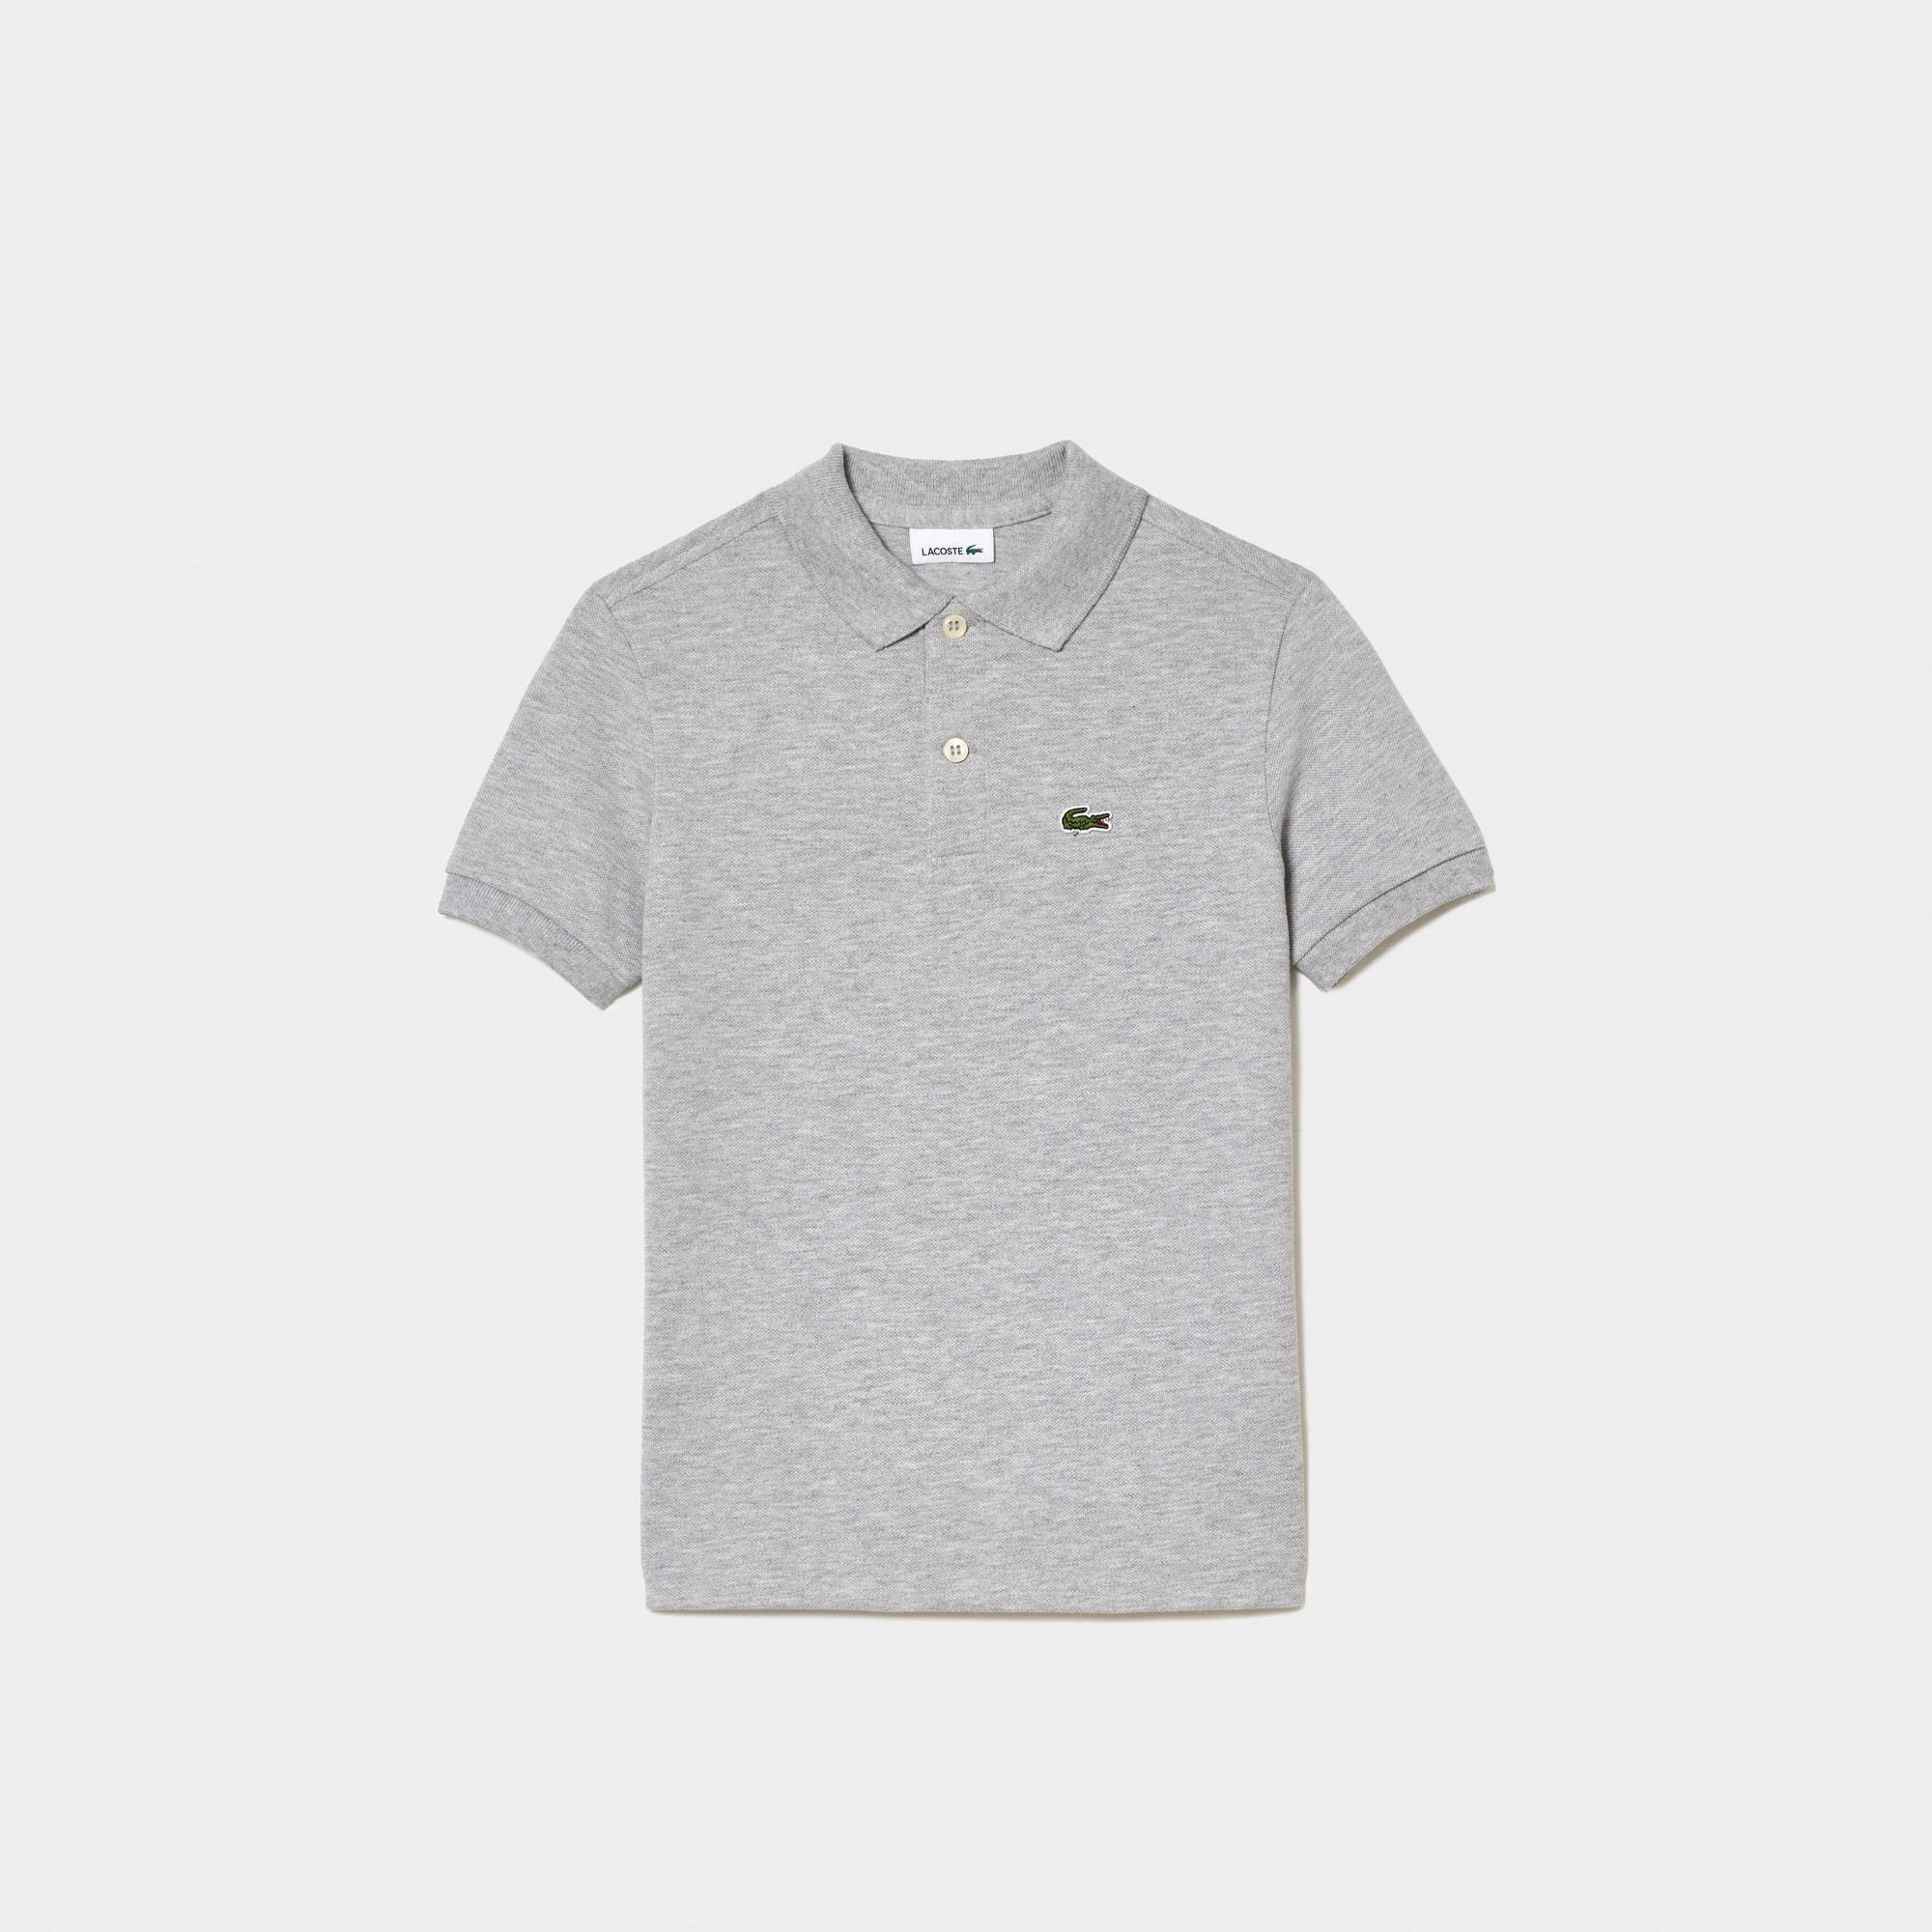 6457f44a0ce Polo shirts